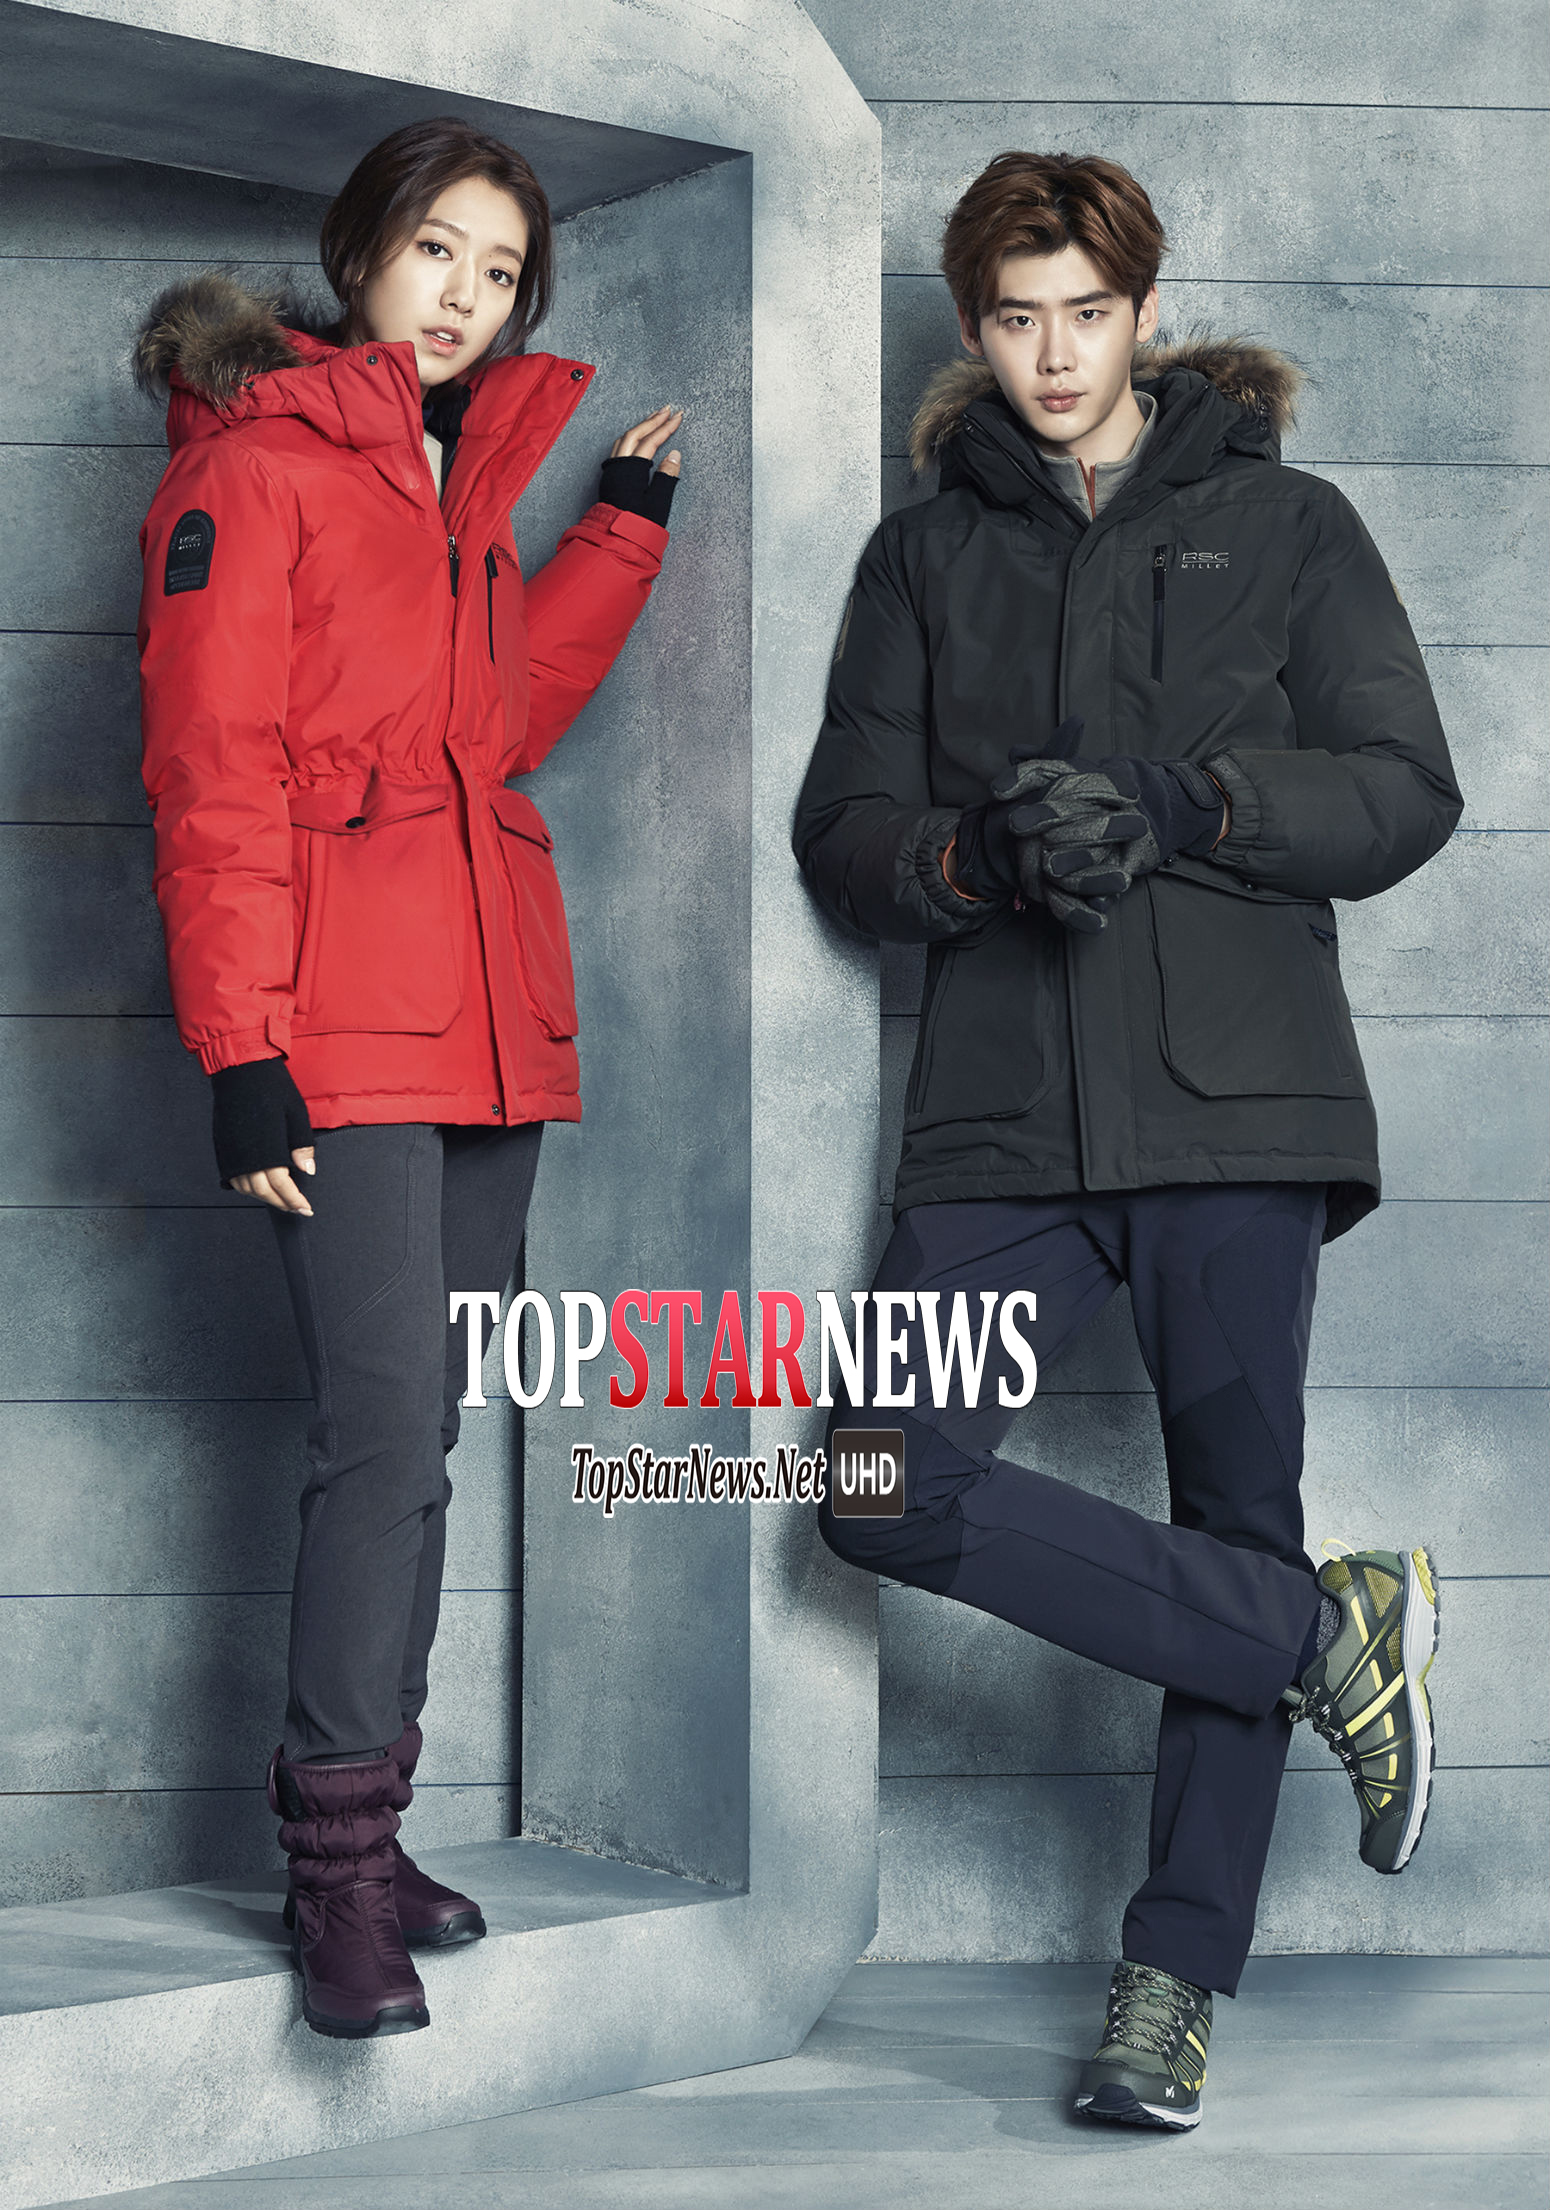 兩個人的好默契更是讓拍攝的現場充滿歡笑 連小編看著看著 還沒穿上他們的登山外套 心就暖了起來啊!